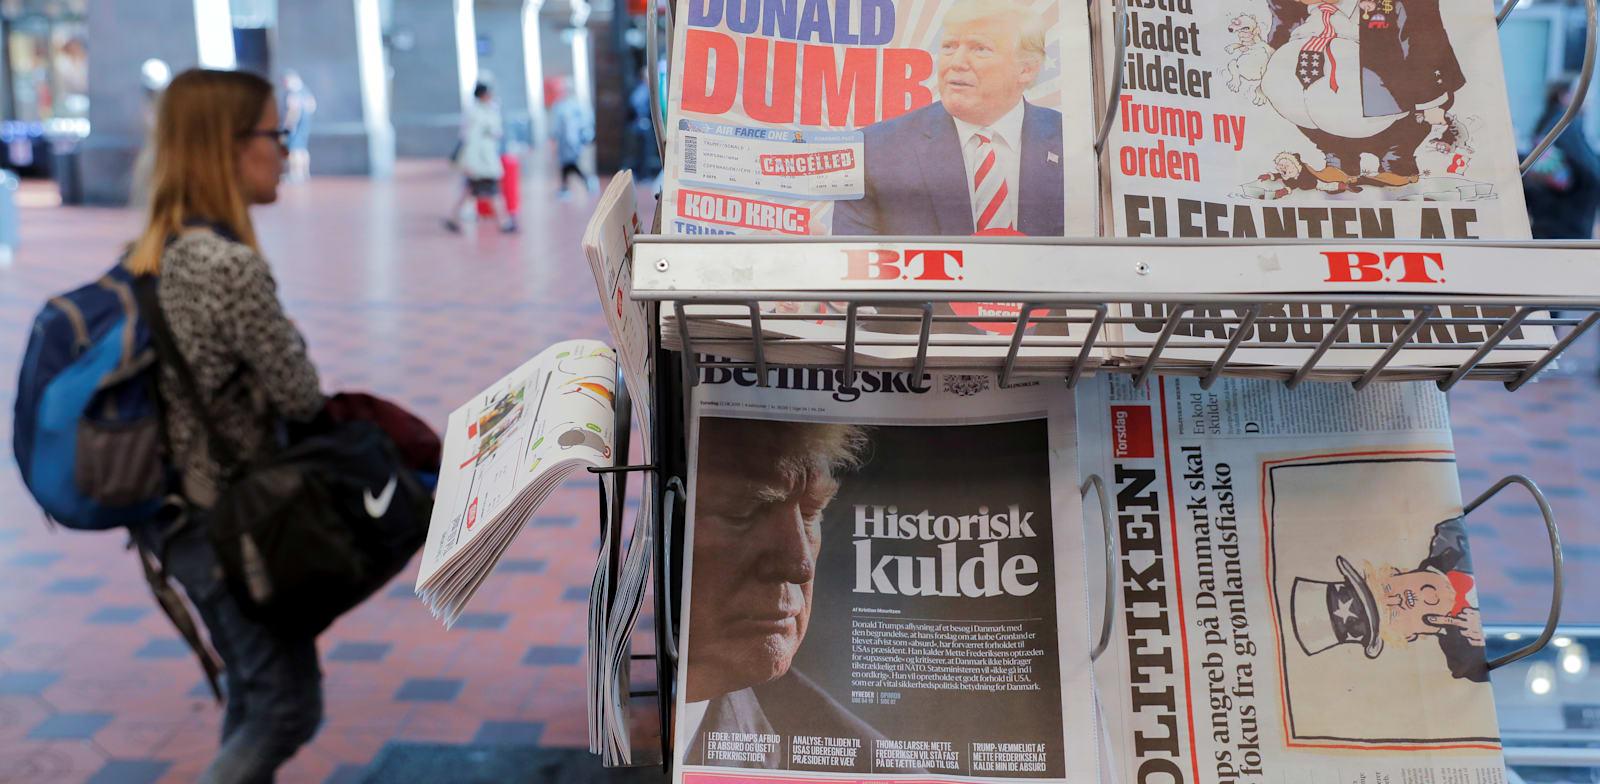 דוכן עיתונים בקופנהגן, 2019 / צילום: Reuters, Andrew Kelly